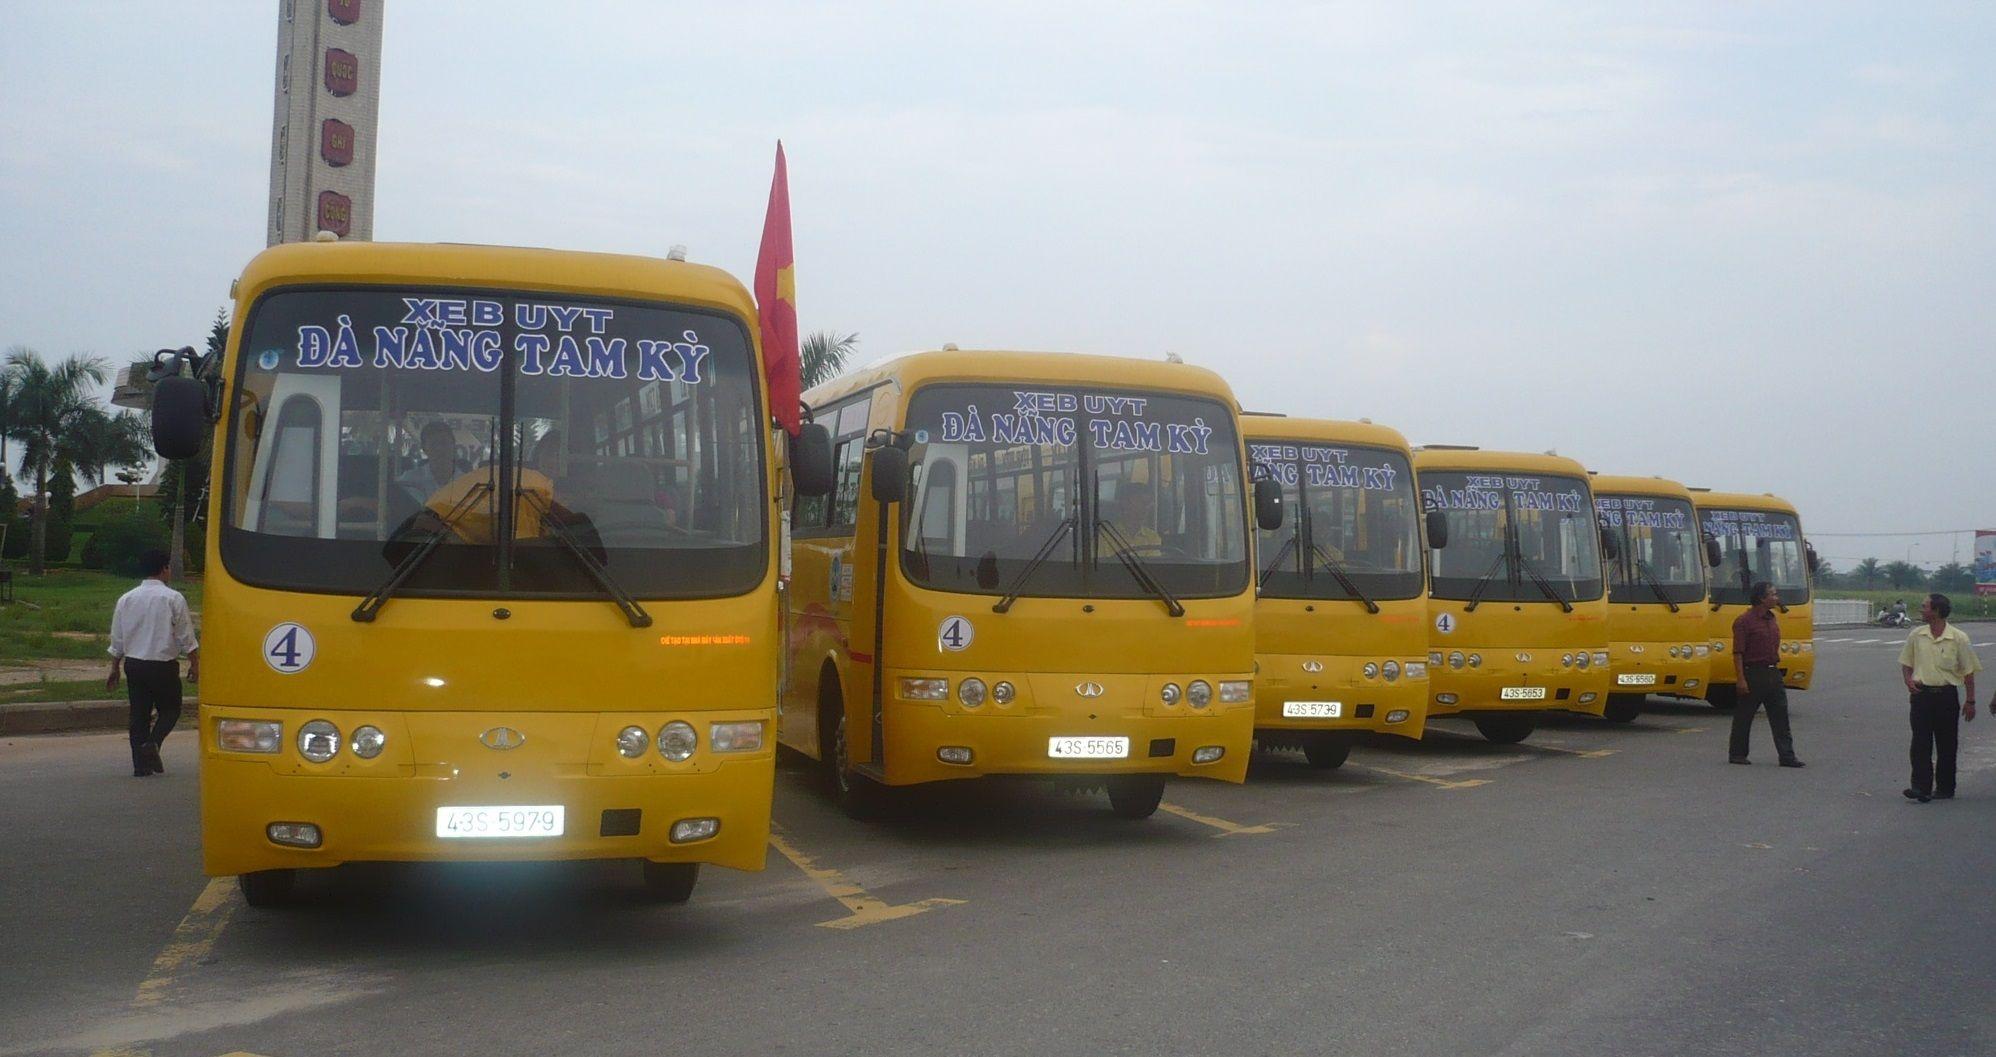 Xe bus Đà Nẵng - Tam Kỳ